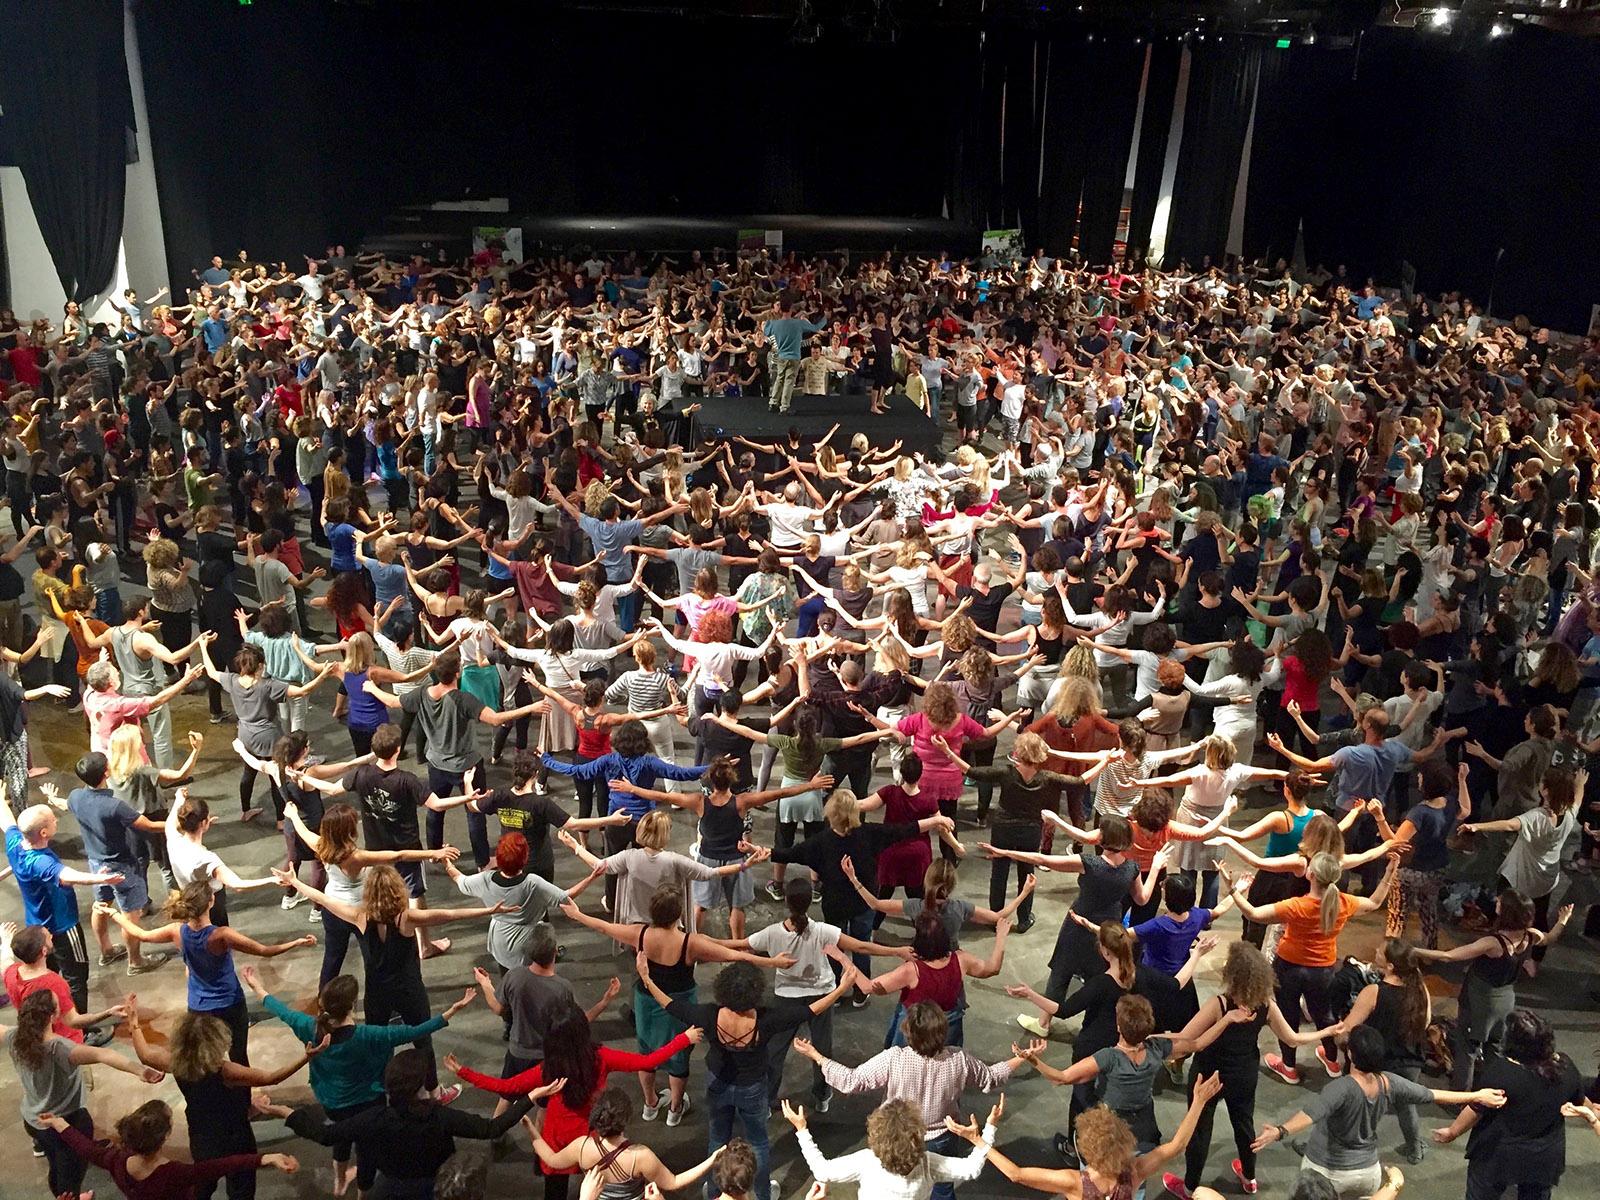 Гага 2017 — и для тех, кто не умеет танцевать. «Ангар 11» в Тель-Авиве, 28 апреля